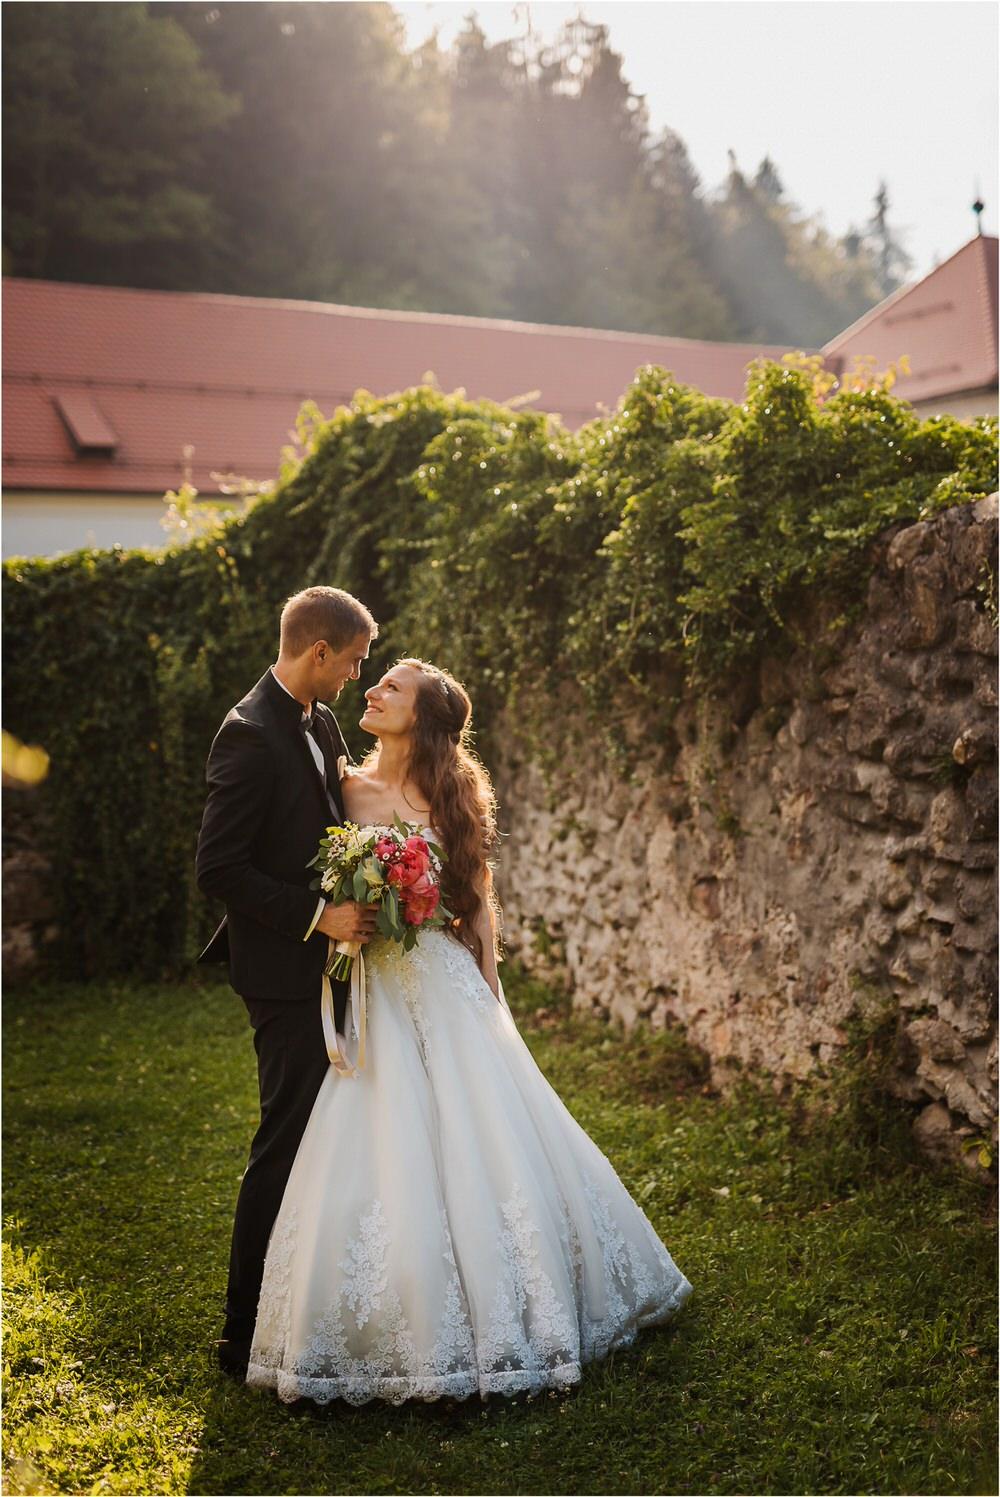 zicka kartuzija poroka porocni fotograf fotografija luka in ben loce elegantna poroka slovenski porocni fotograf  0074.jpg